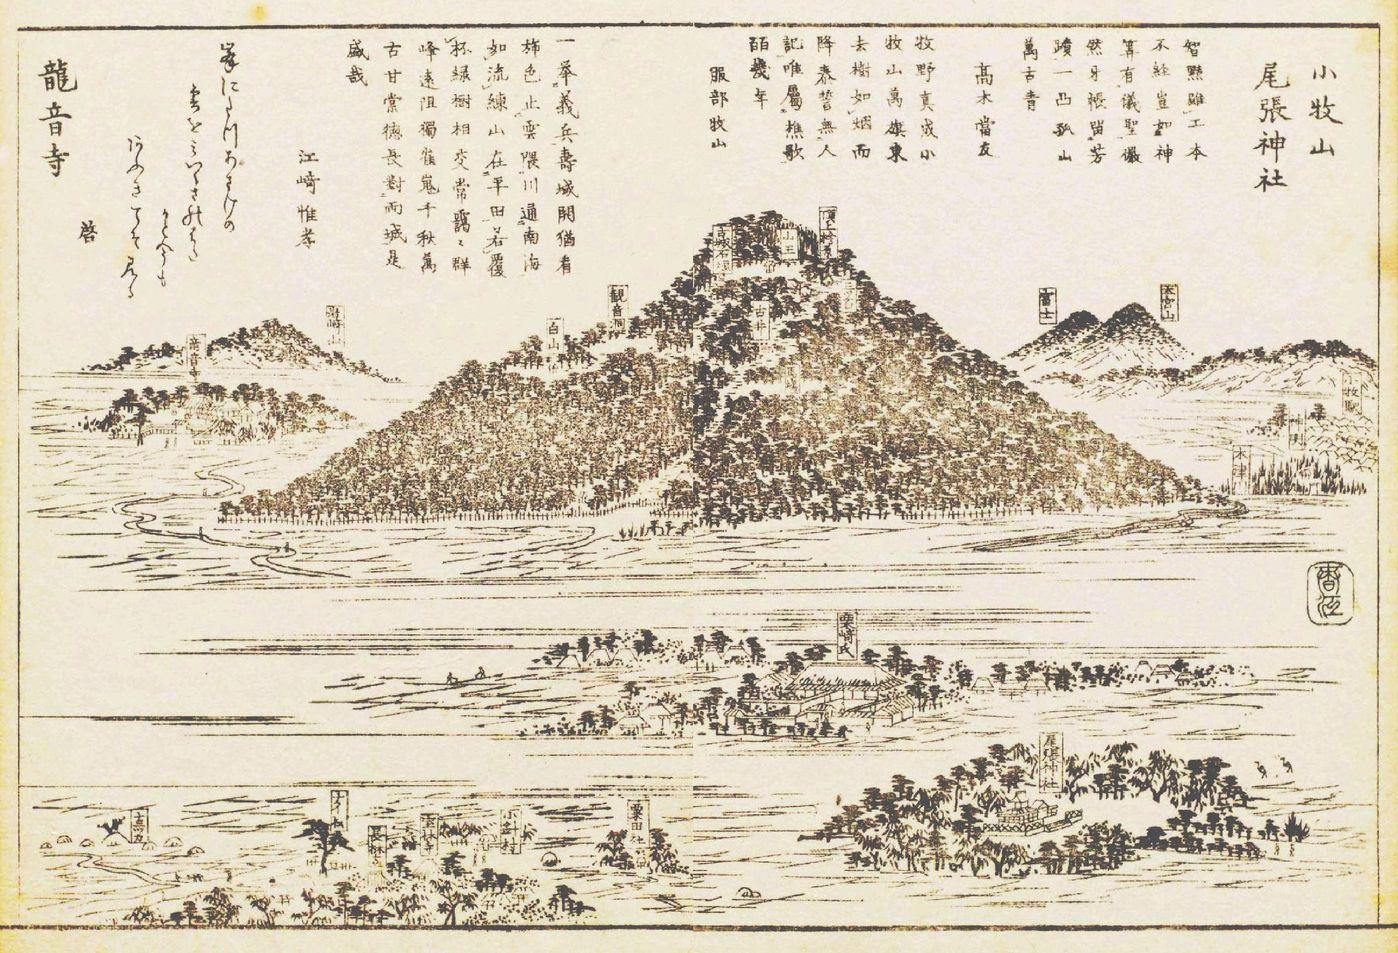 小牧山を描いた古文書